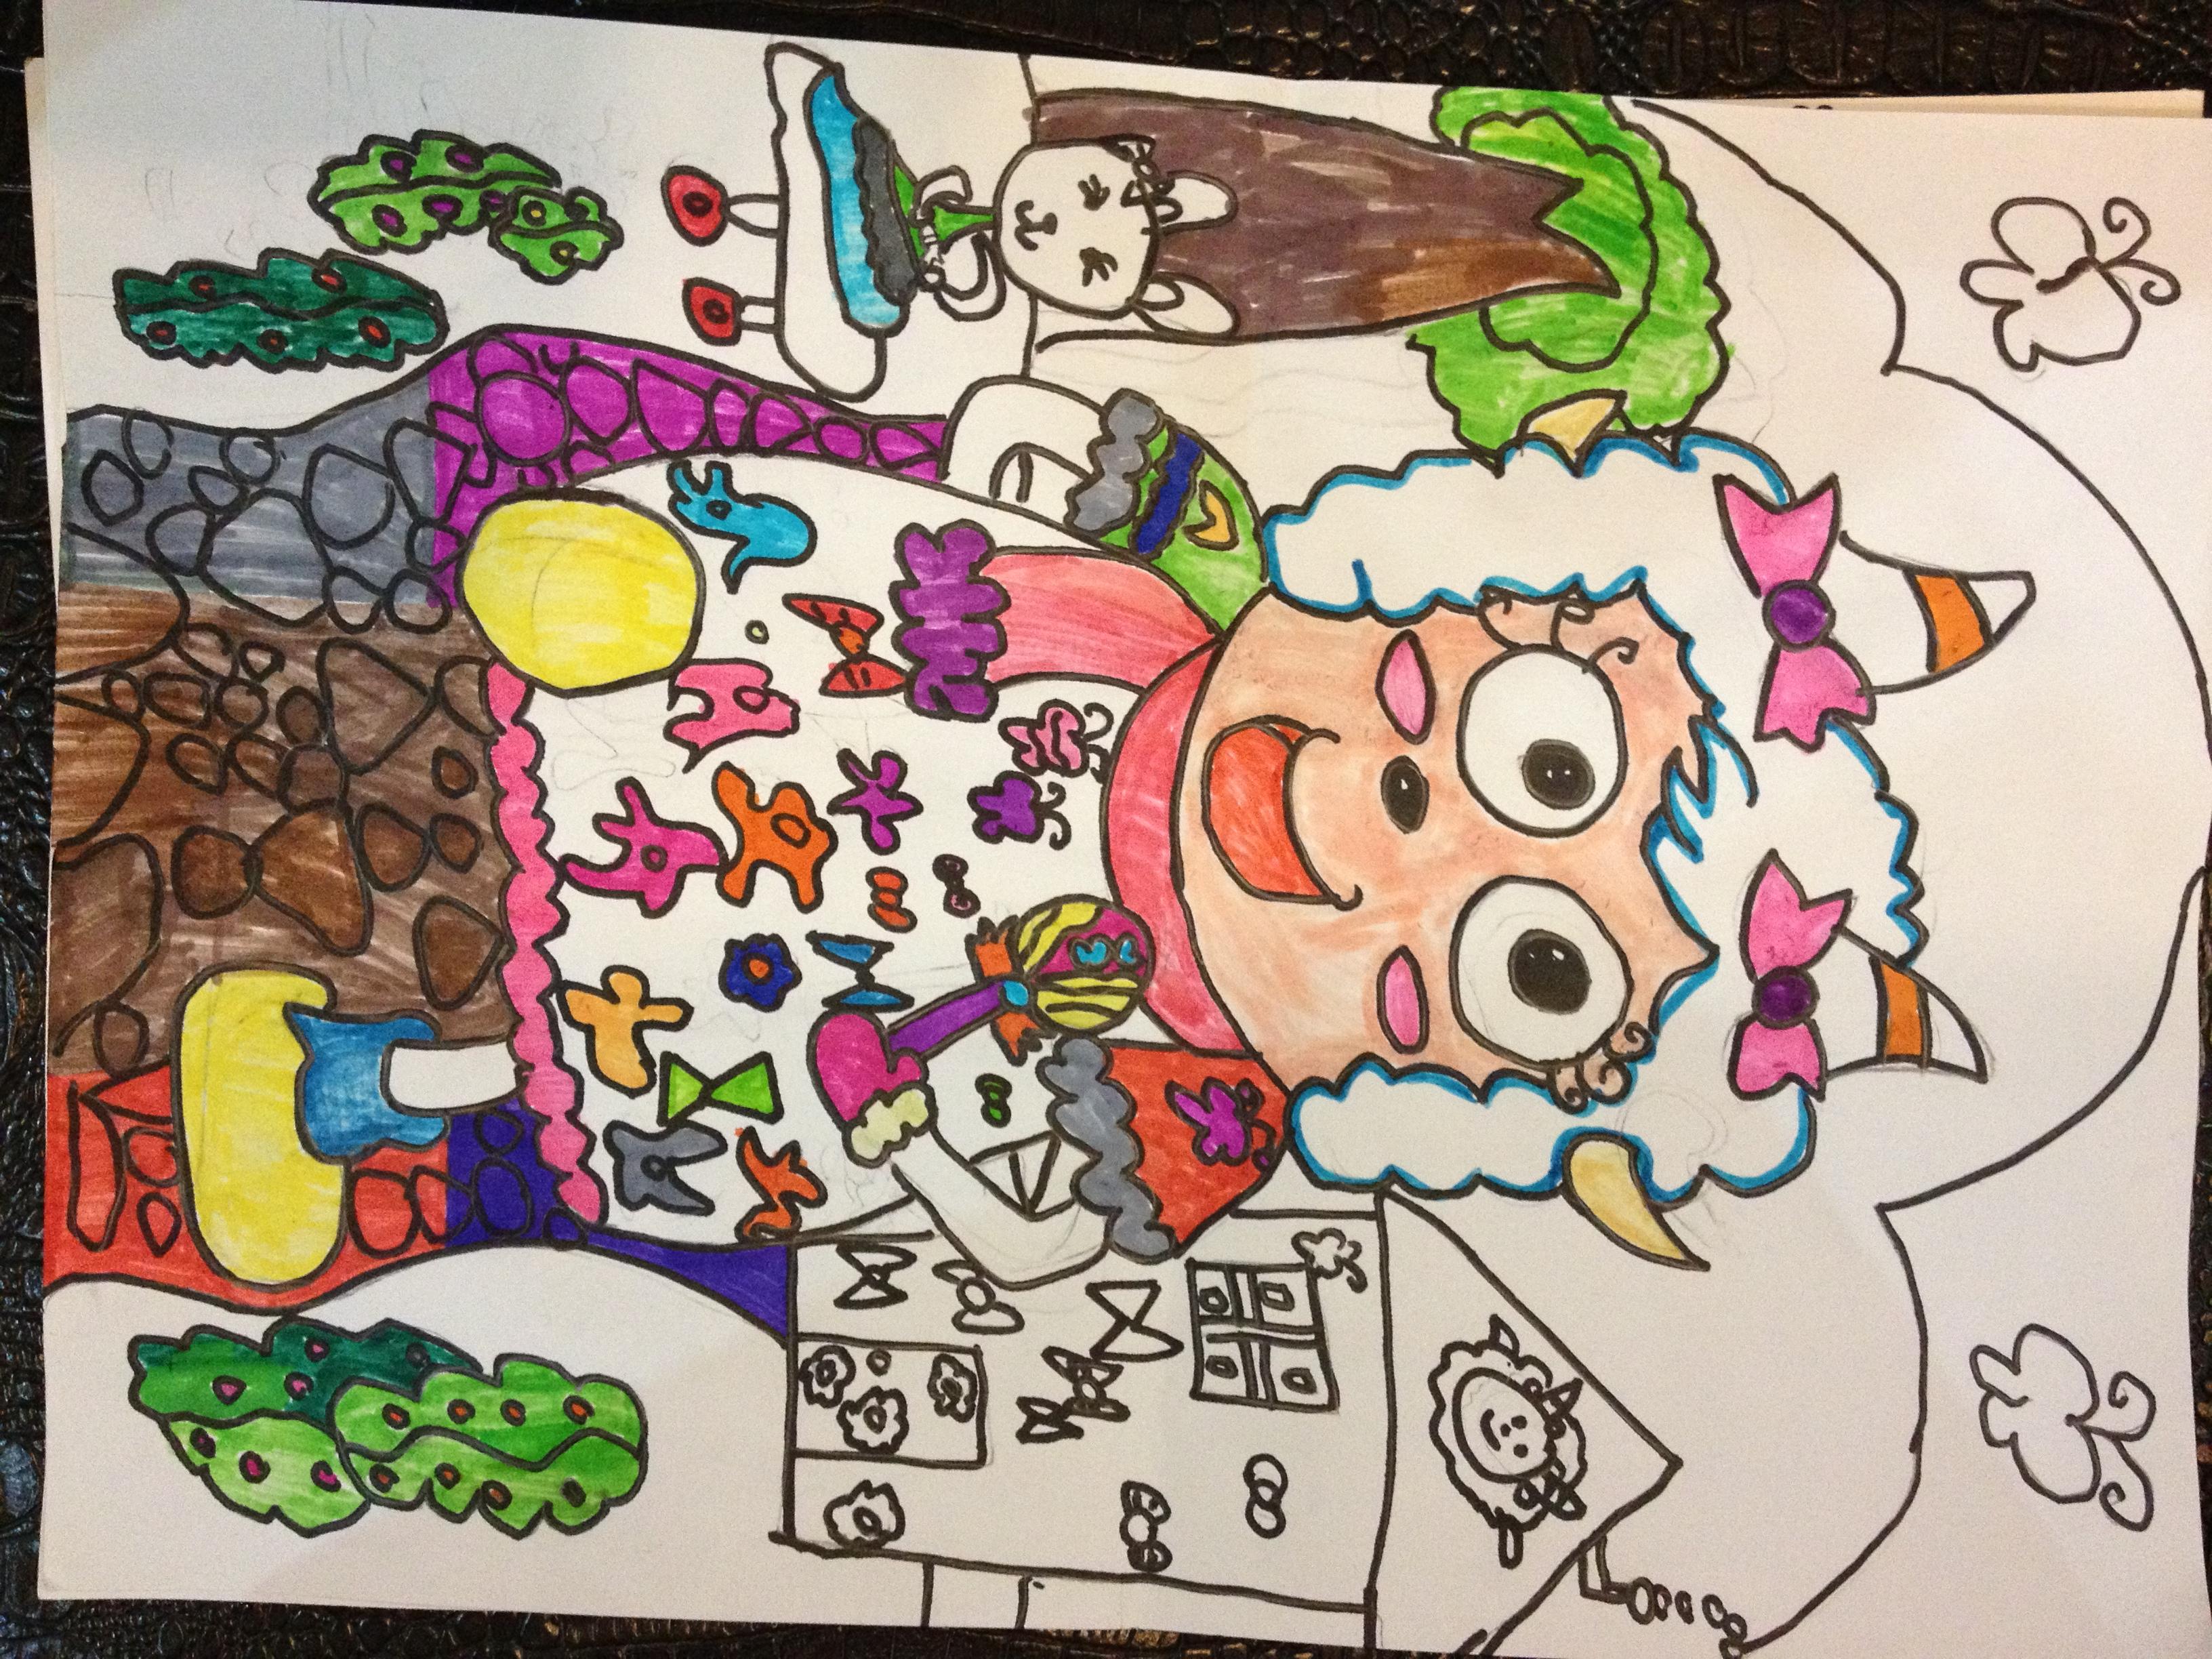 画出我的梦想 - 儿童节创意游戏设计 - 活动 - 未来网